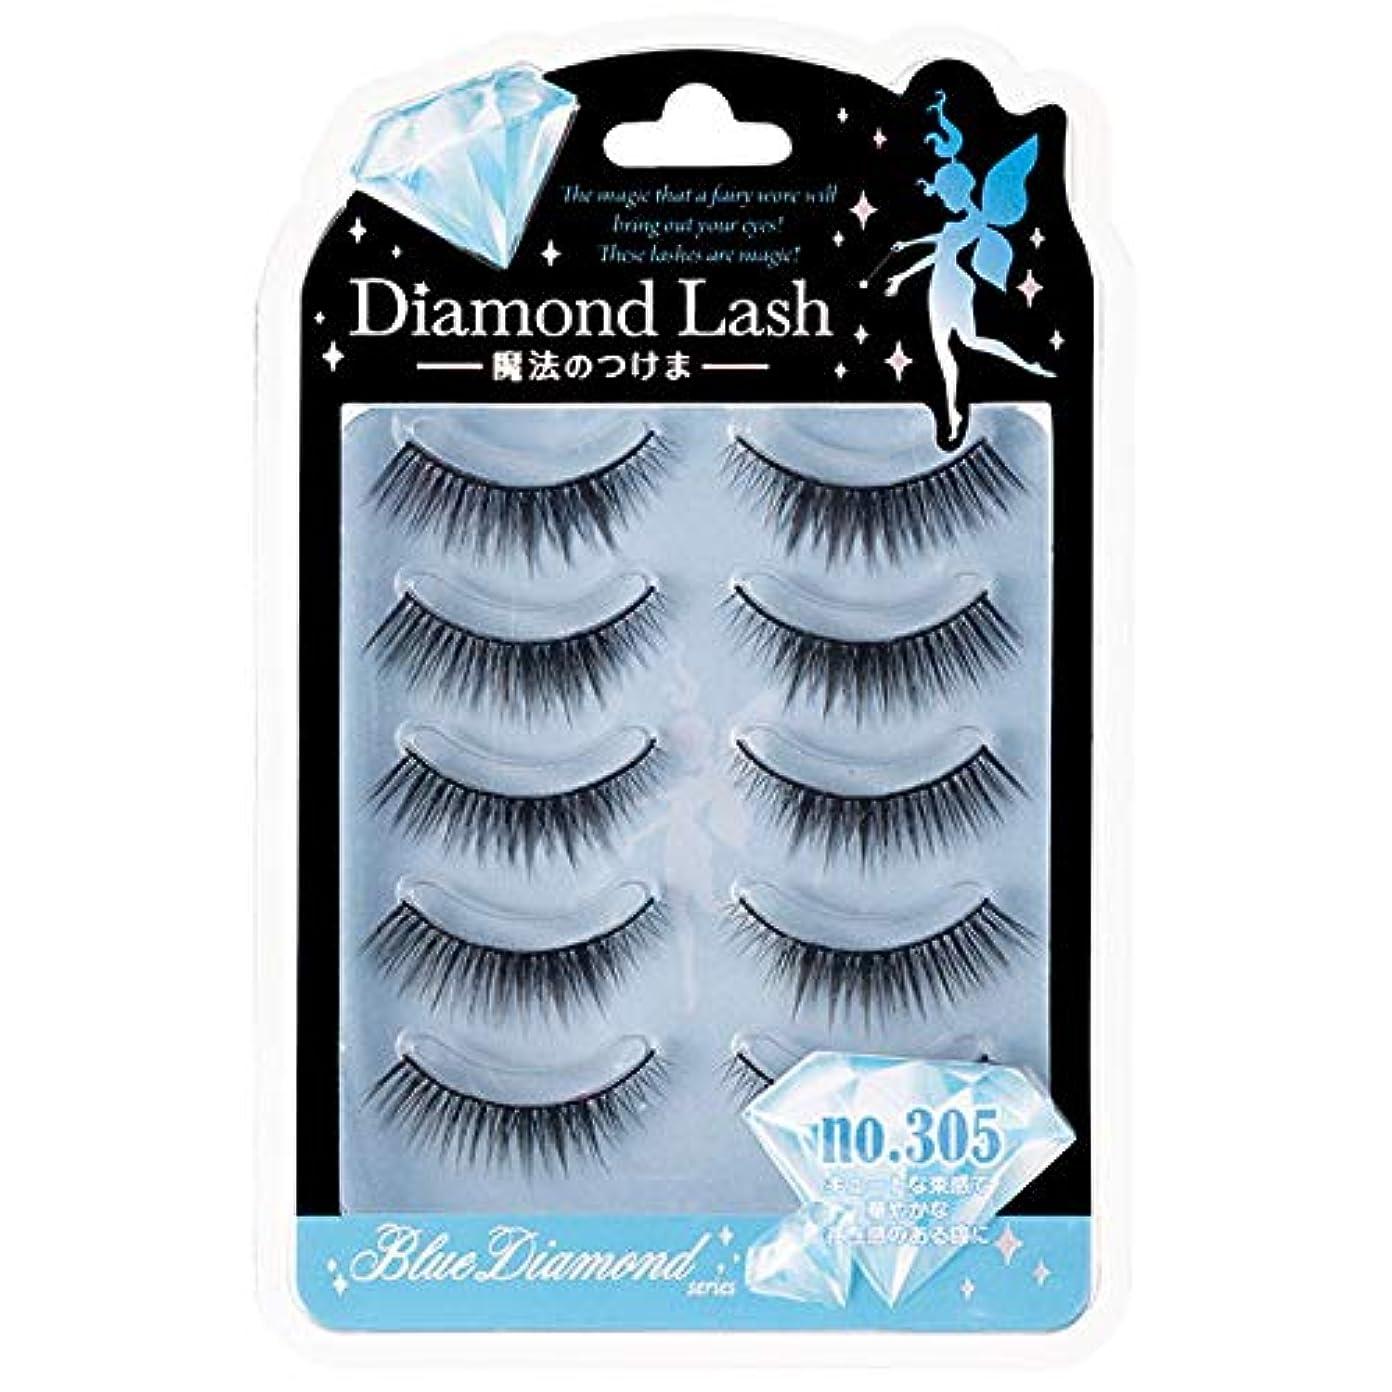 委員会ジェット汚物Diamond Lash(ダイヤモンドラッシュ) ブルー no.305 5ペア